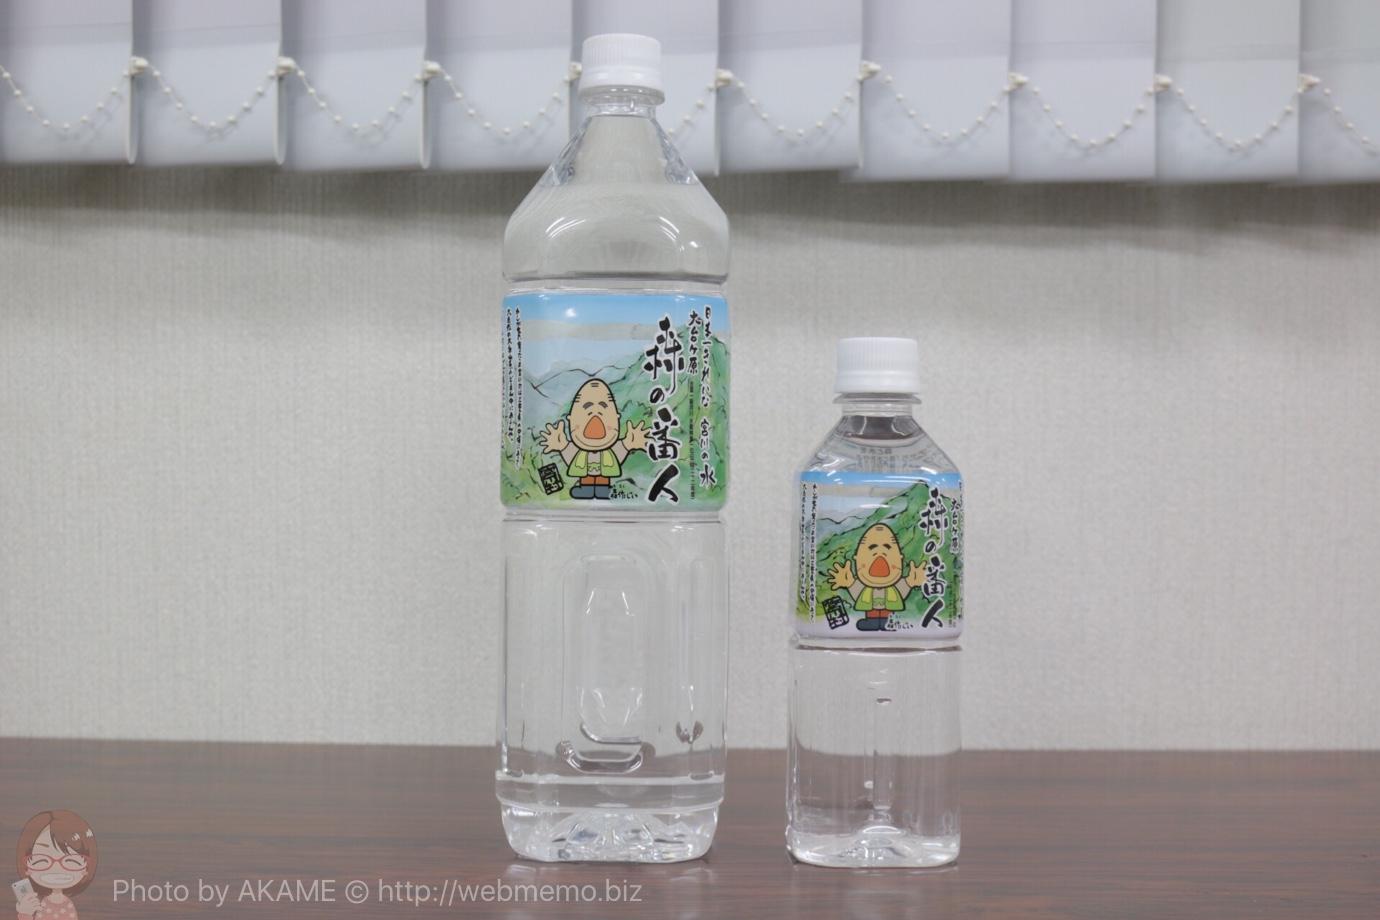 日本一綺麗な川の湧き水を使った「森の番人」について社長さんに話を聞いてきた! #大台町PR